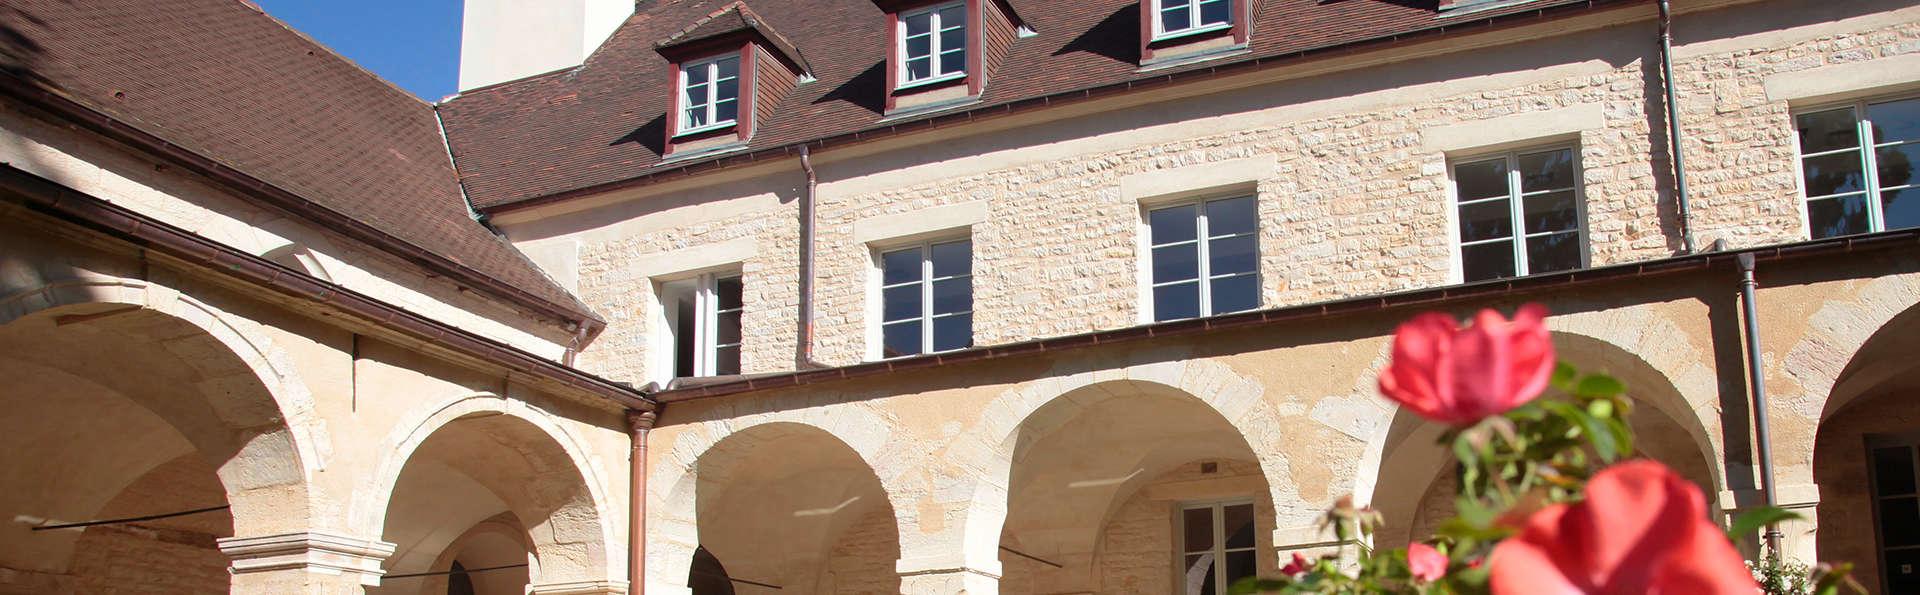 Week-end de charme dans un ancien cloître en plein centre de Dijon